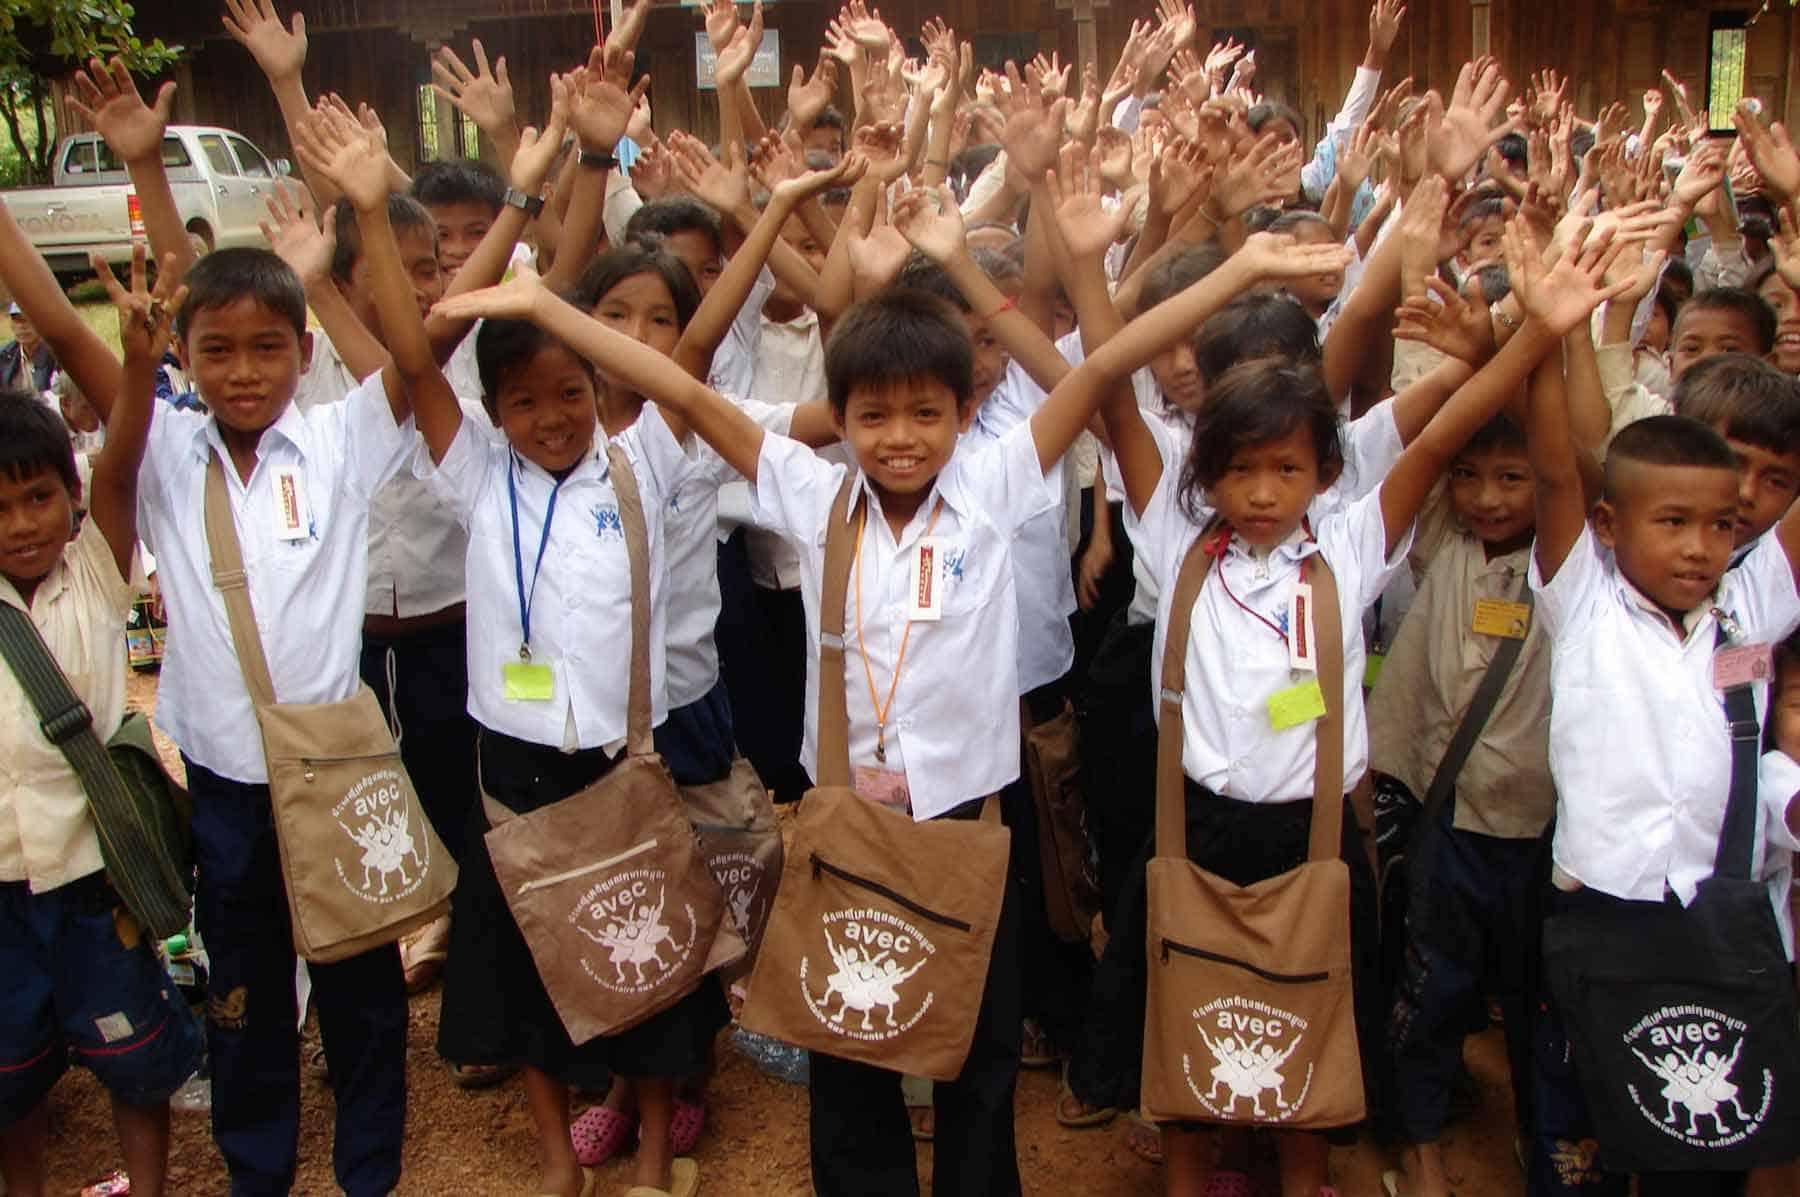 Nous sommes spécialisés dans la localisation et la scolarisation des enfants pauvres. Nous intervenons tous les deux mois dans des écoles publiques au Cambodge, avec de nombreux enfants.